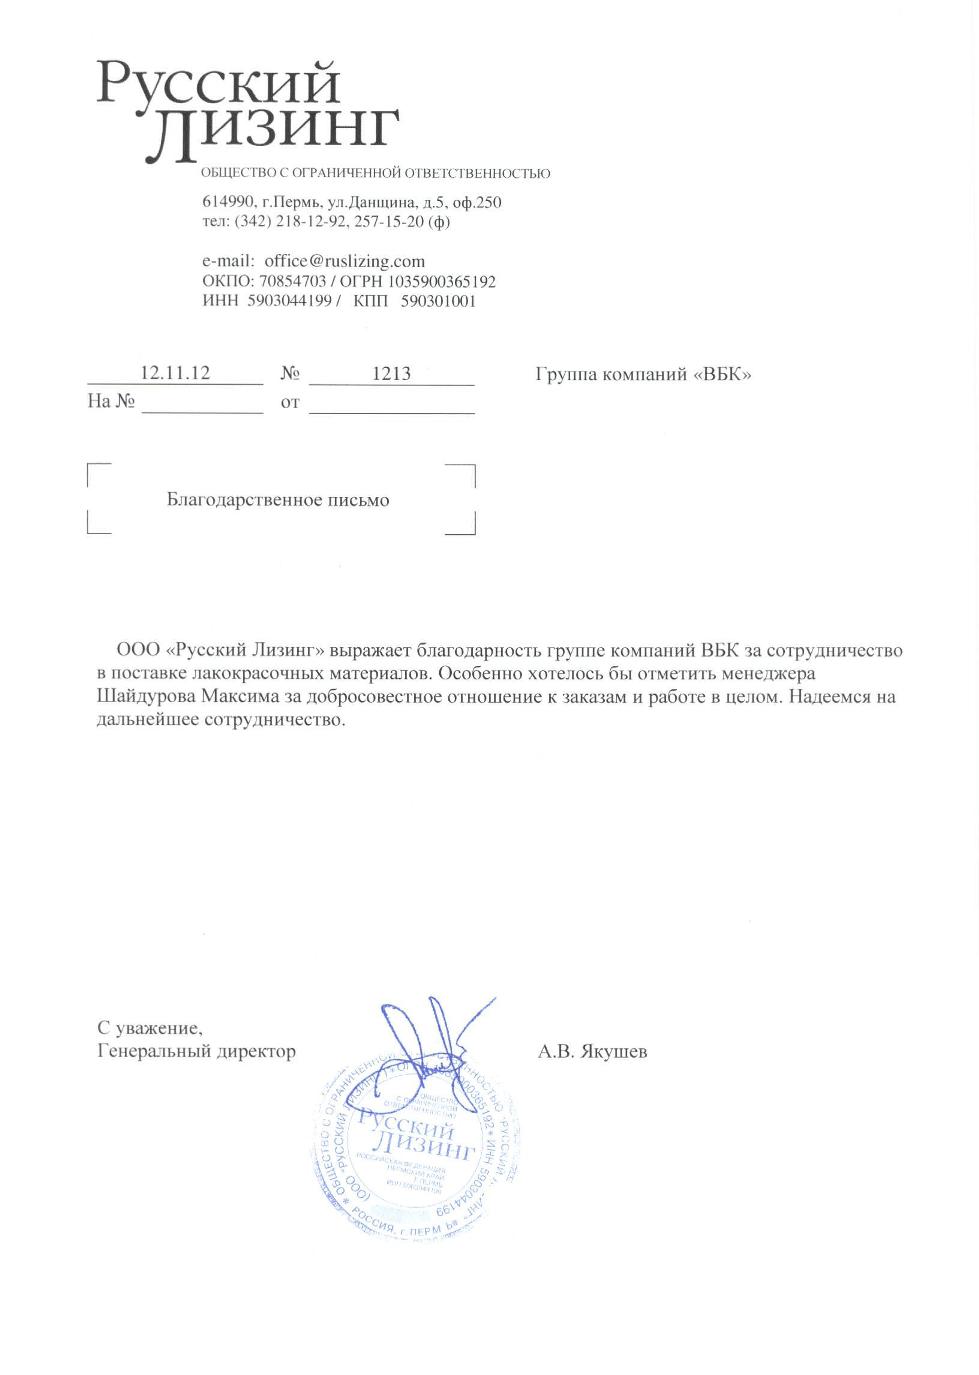 """Благодарственное письмо от ООО """"Русский Лизинг"""""""